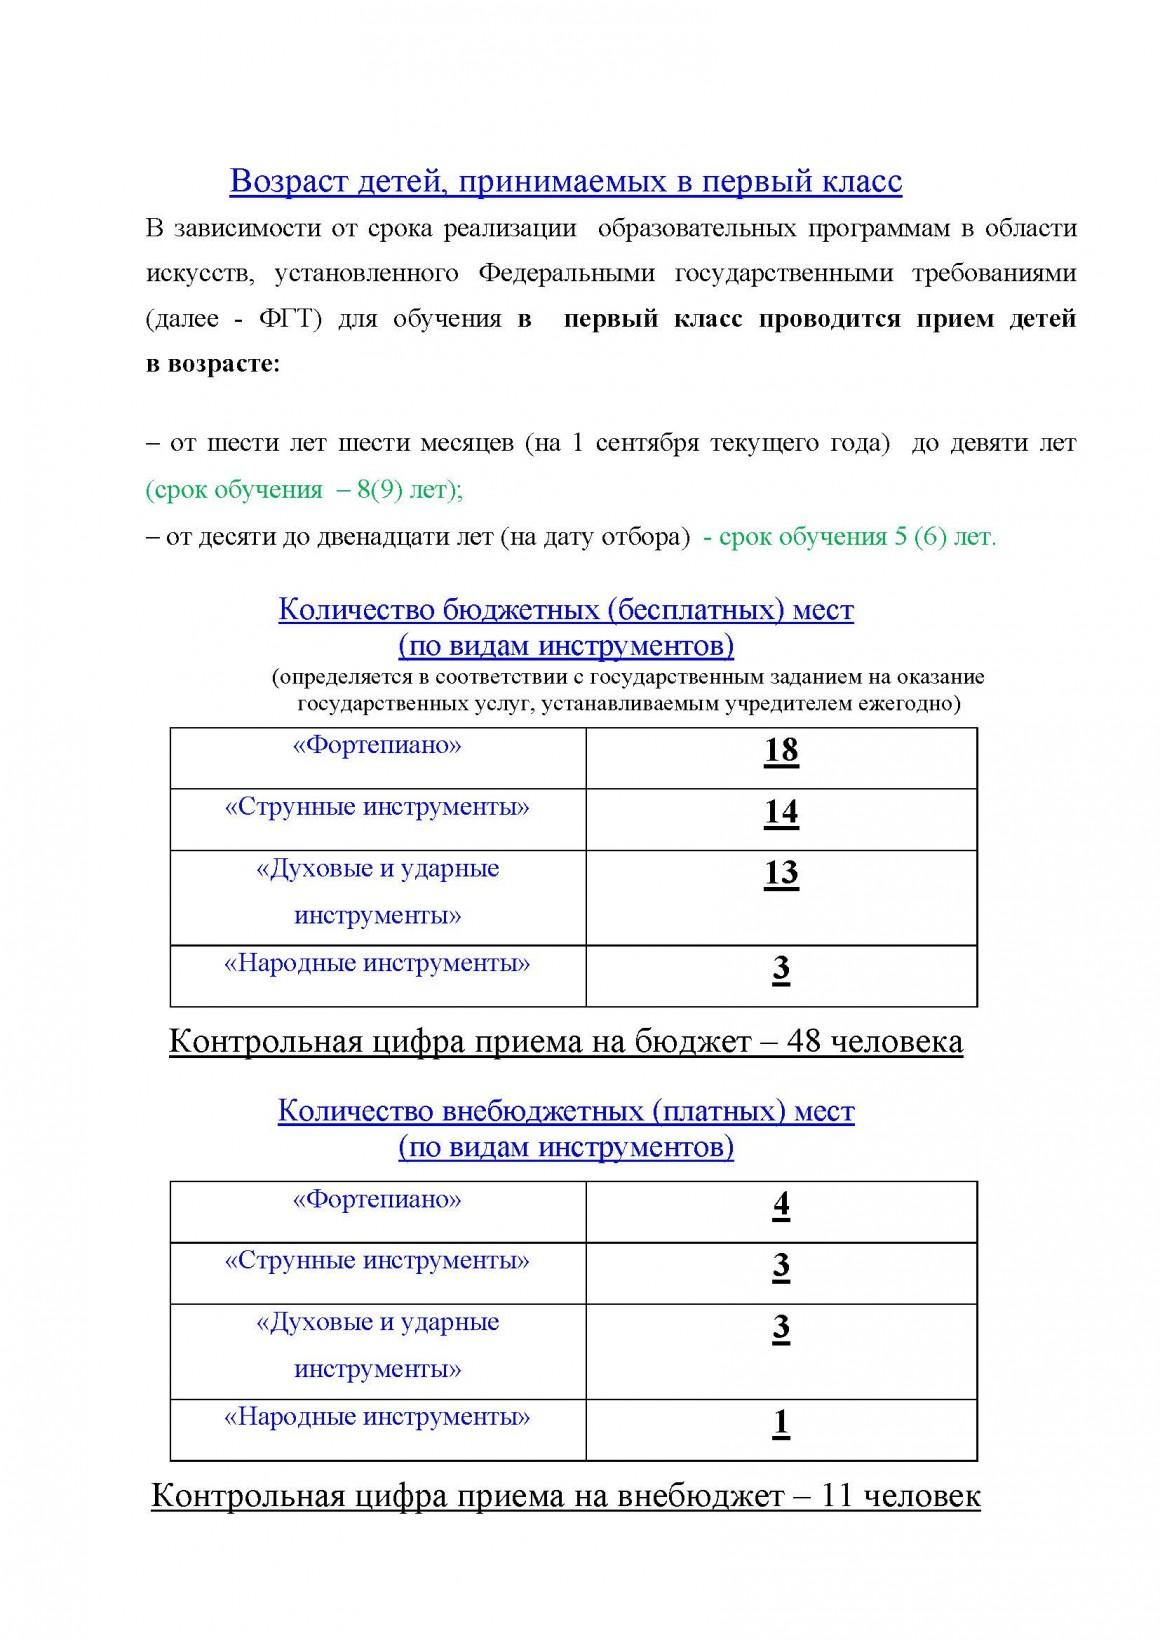 Информация по ПРИЕМУ 2018 на сайт доработано (1)_Страница_2